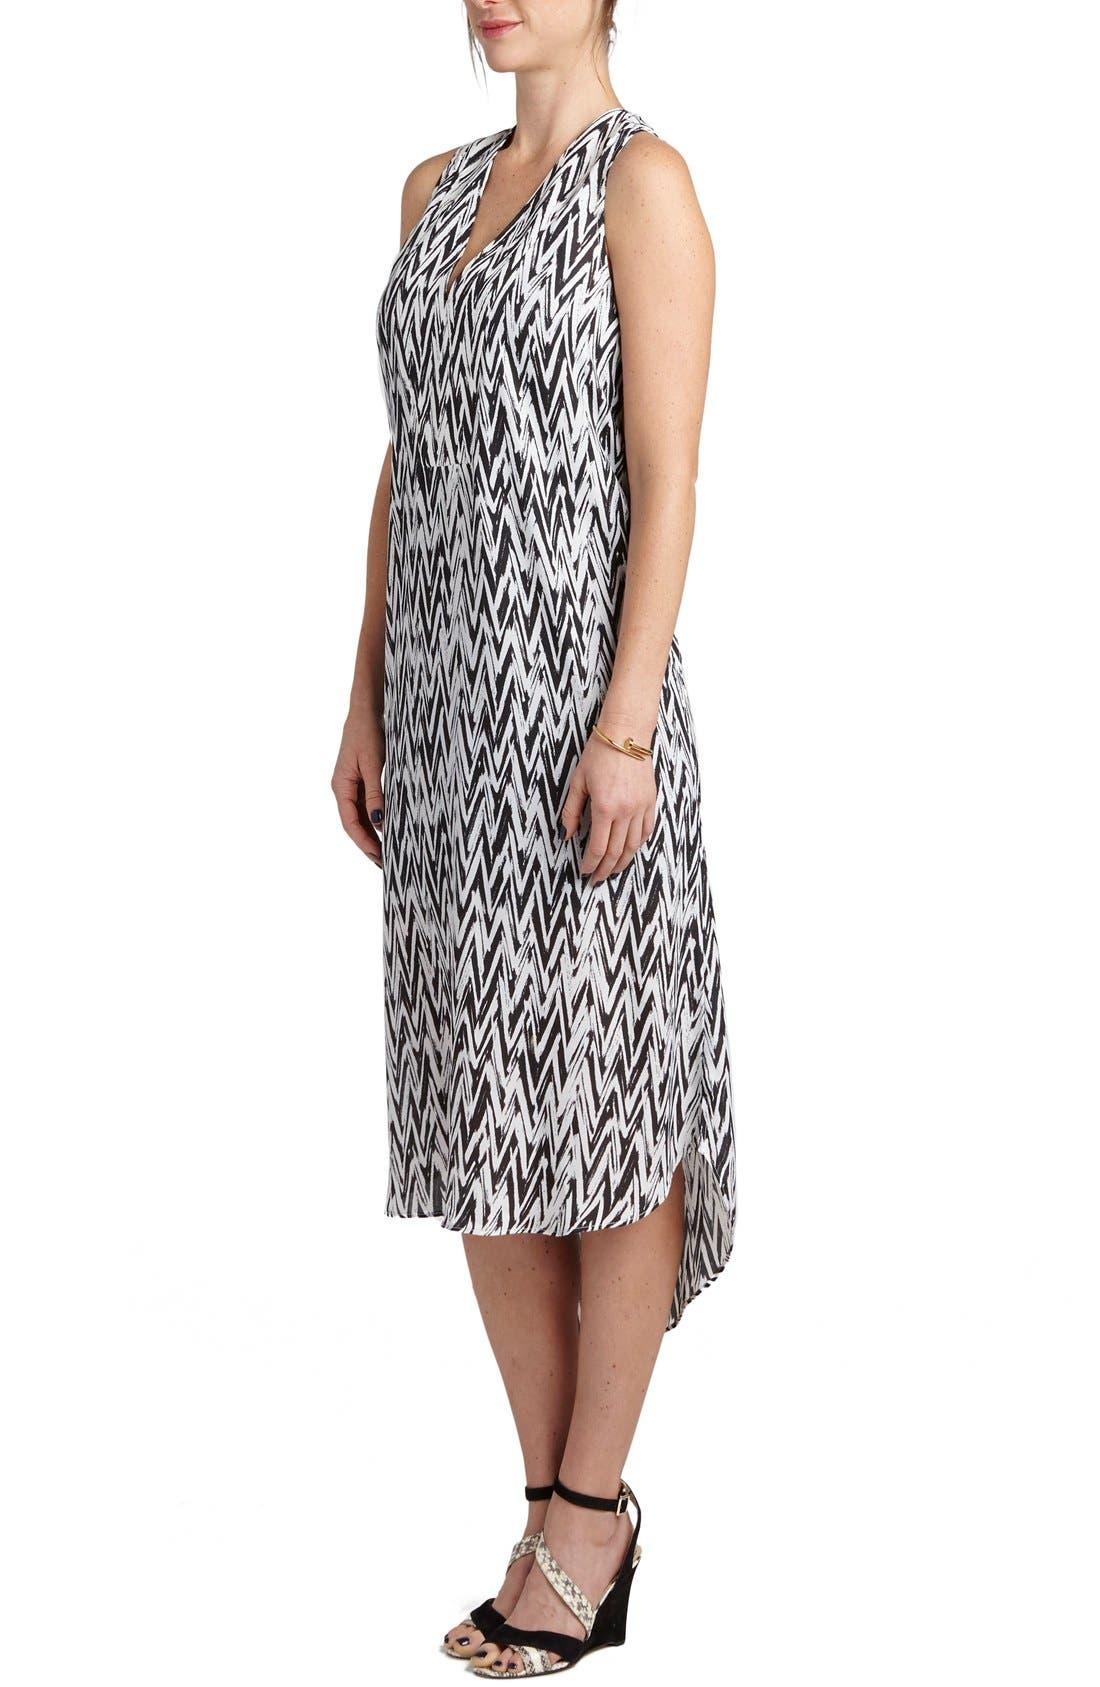 'January' Print Maternity/Nursing High/Low Dress,                             Alternate thumbnail 3, color,                             BLACK/ WHITE CHEVRON